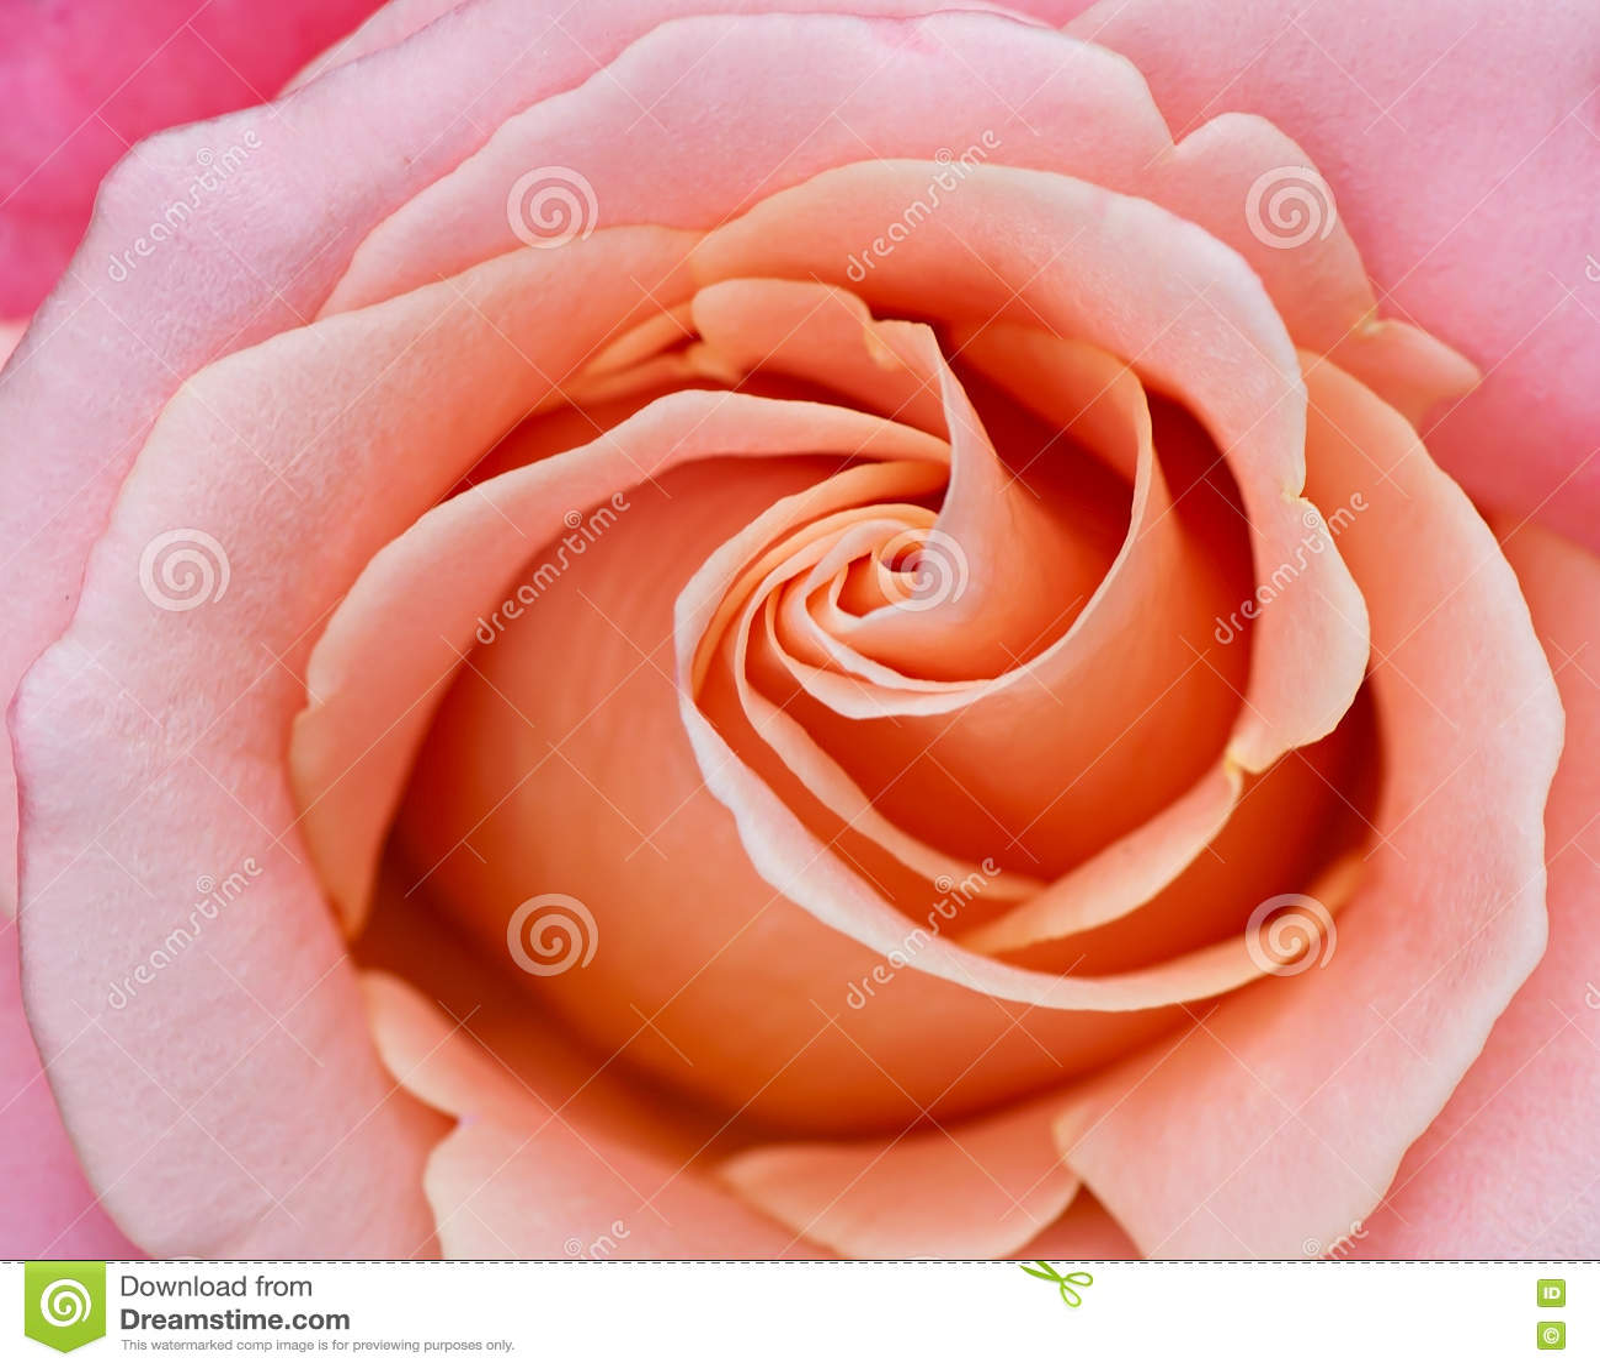 玫瑰的抽象背景